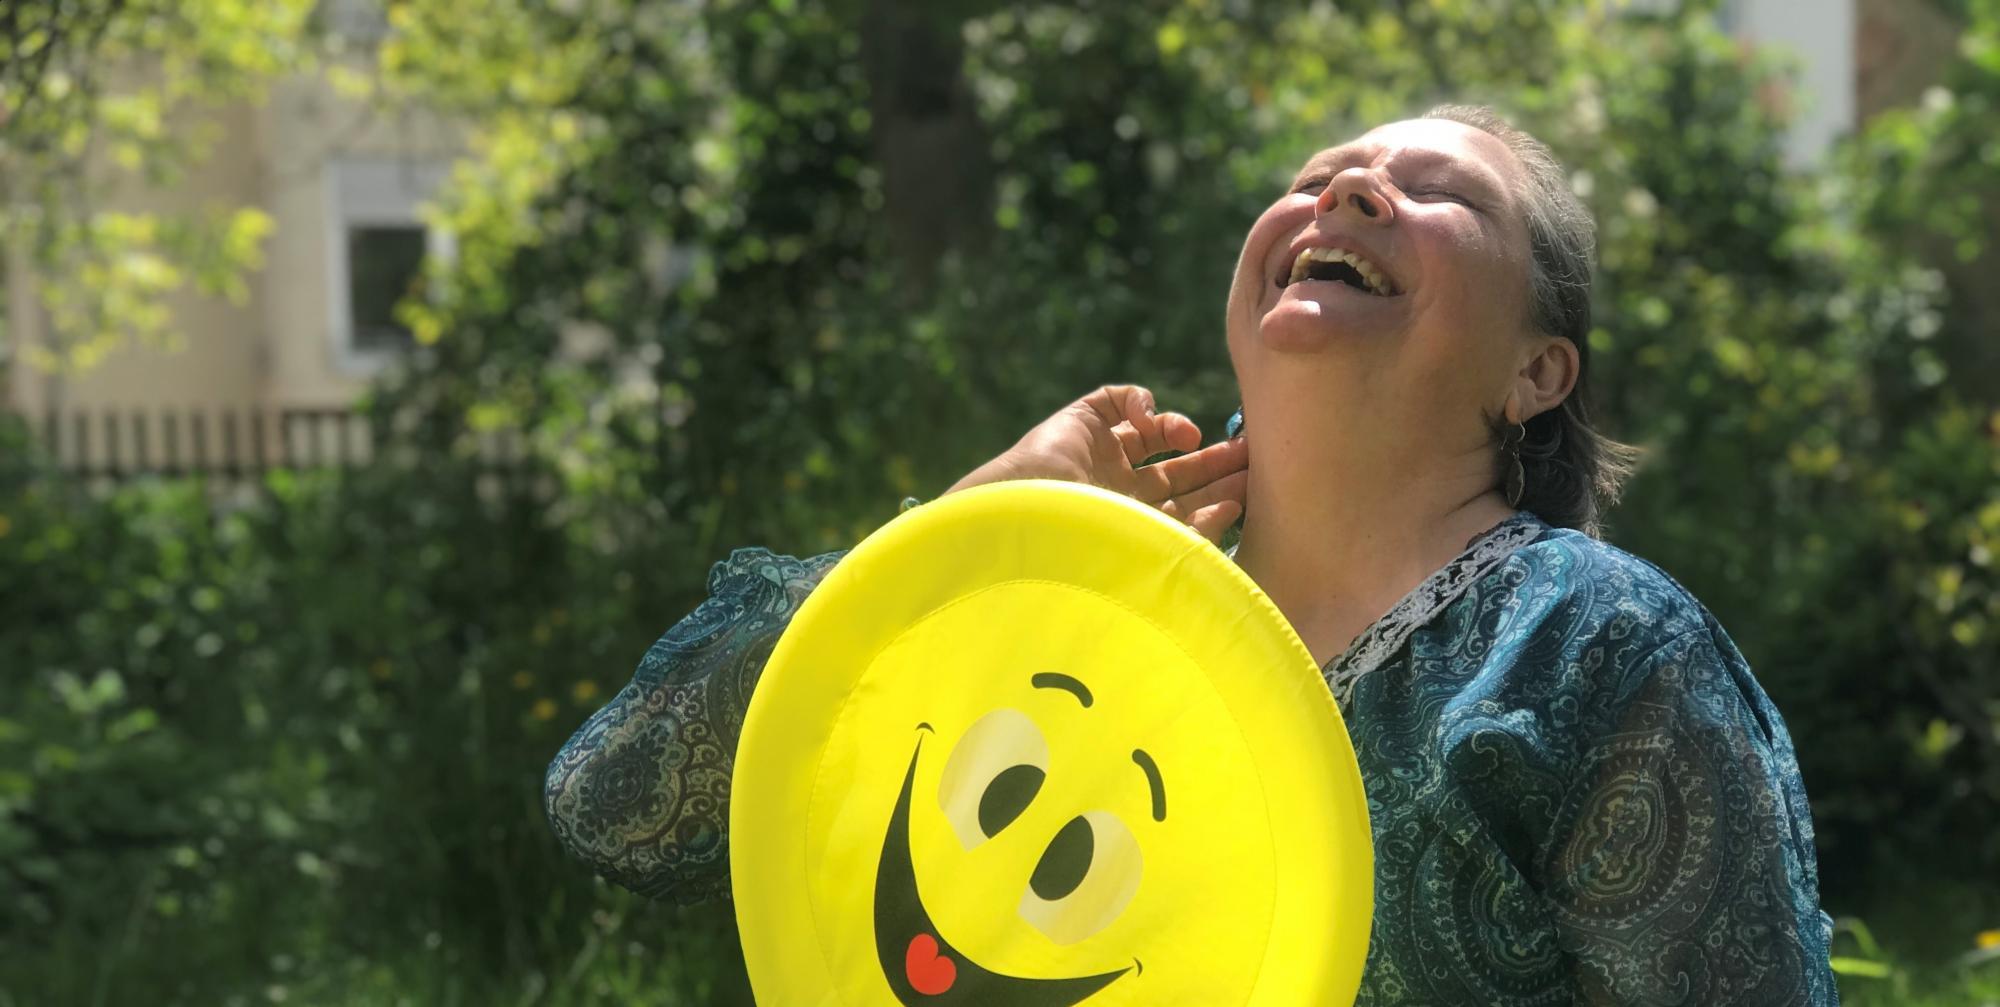 Kerstin lacht mit Smiley